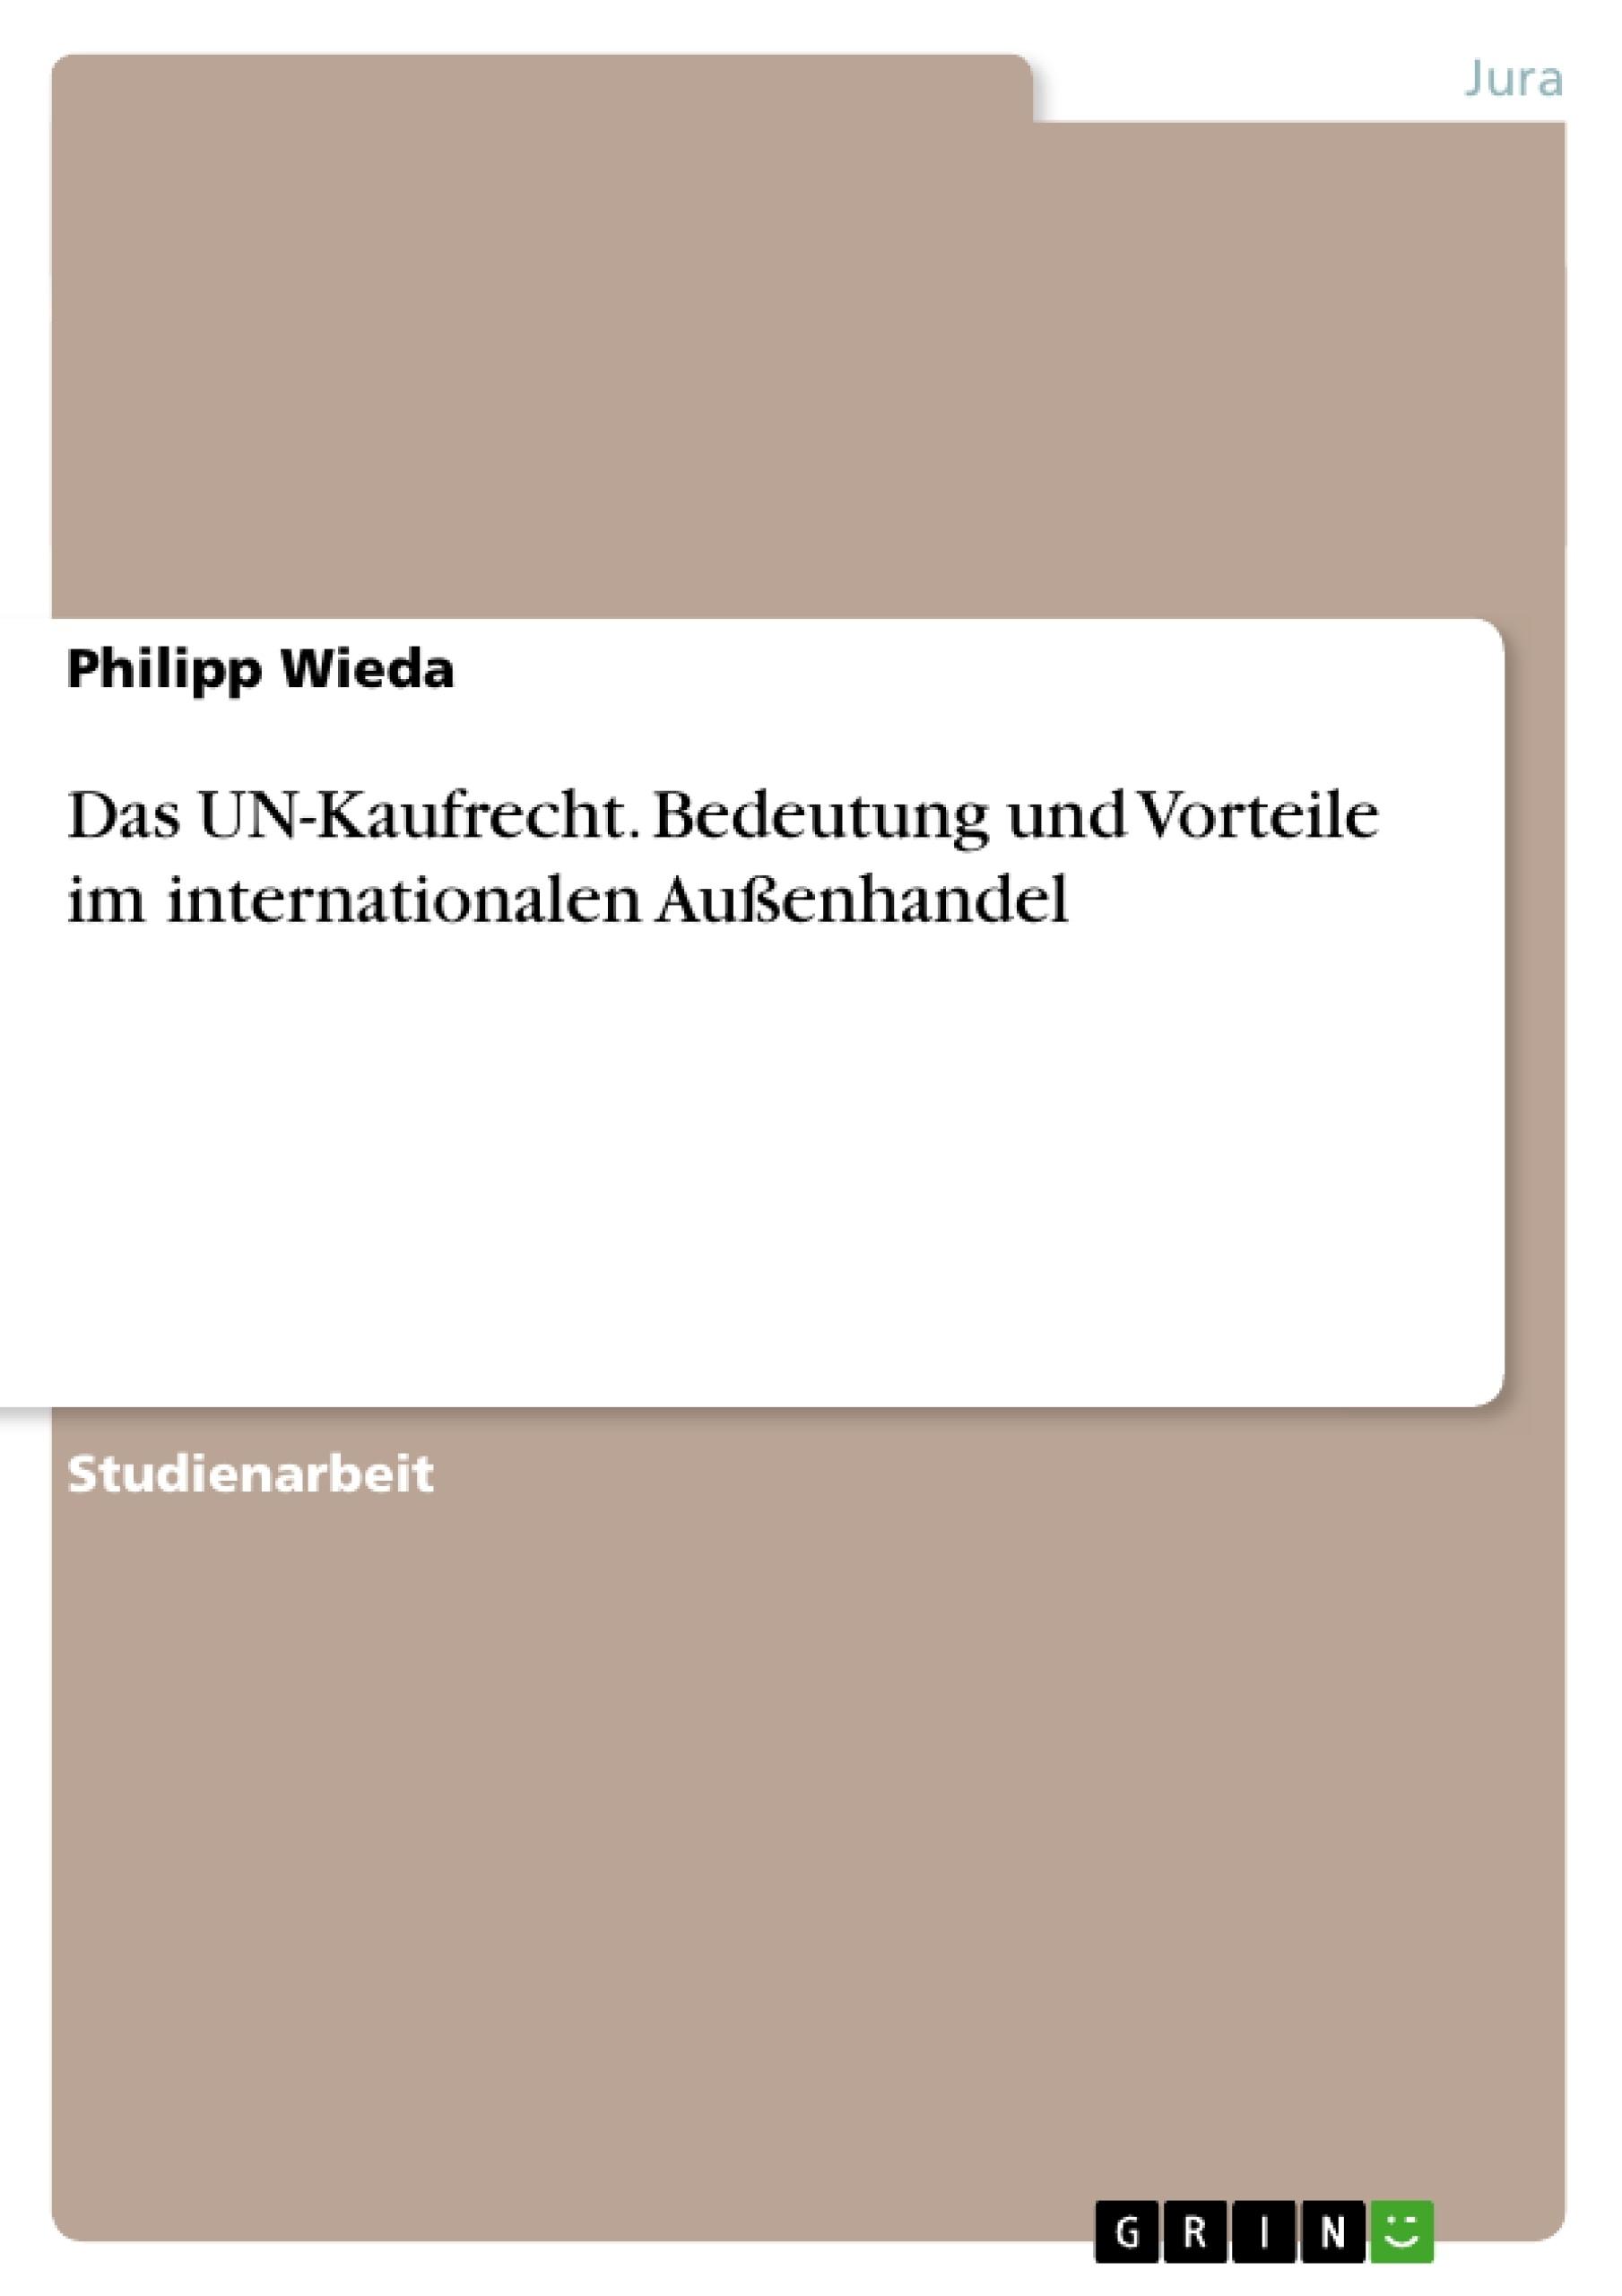 Titel: Das UN-Kaufrecht. Bedeutung und Vorteile im internationalen Außenhandel